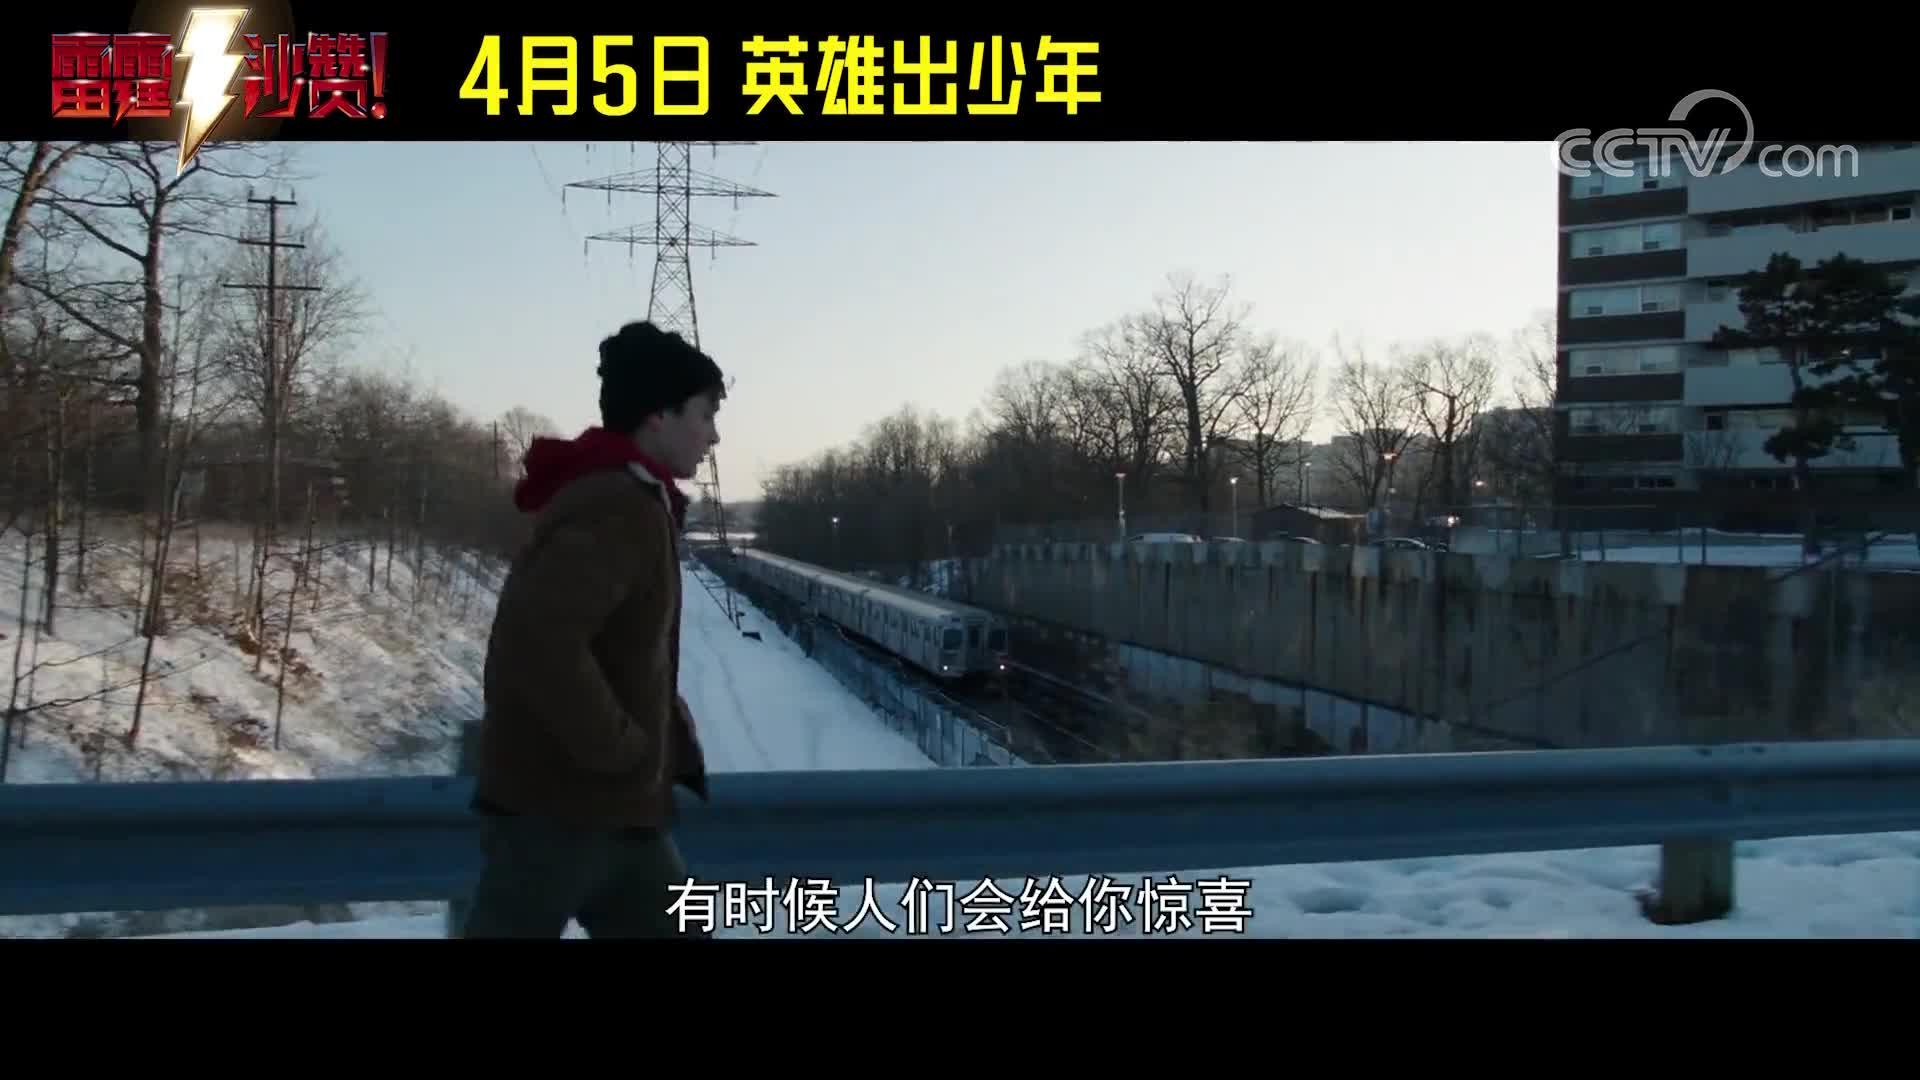 """[视频]《雷霆沙赞!》最强后盾 英雄不孤单拥有暖心""""伐木累"""""""